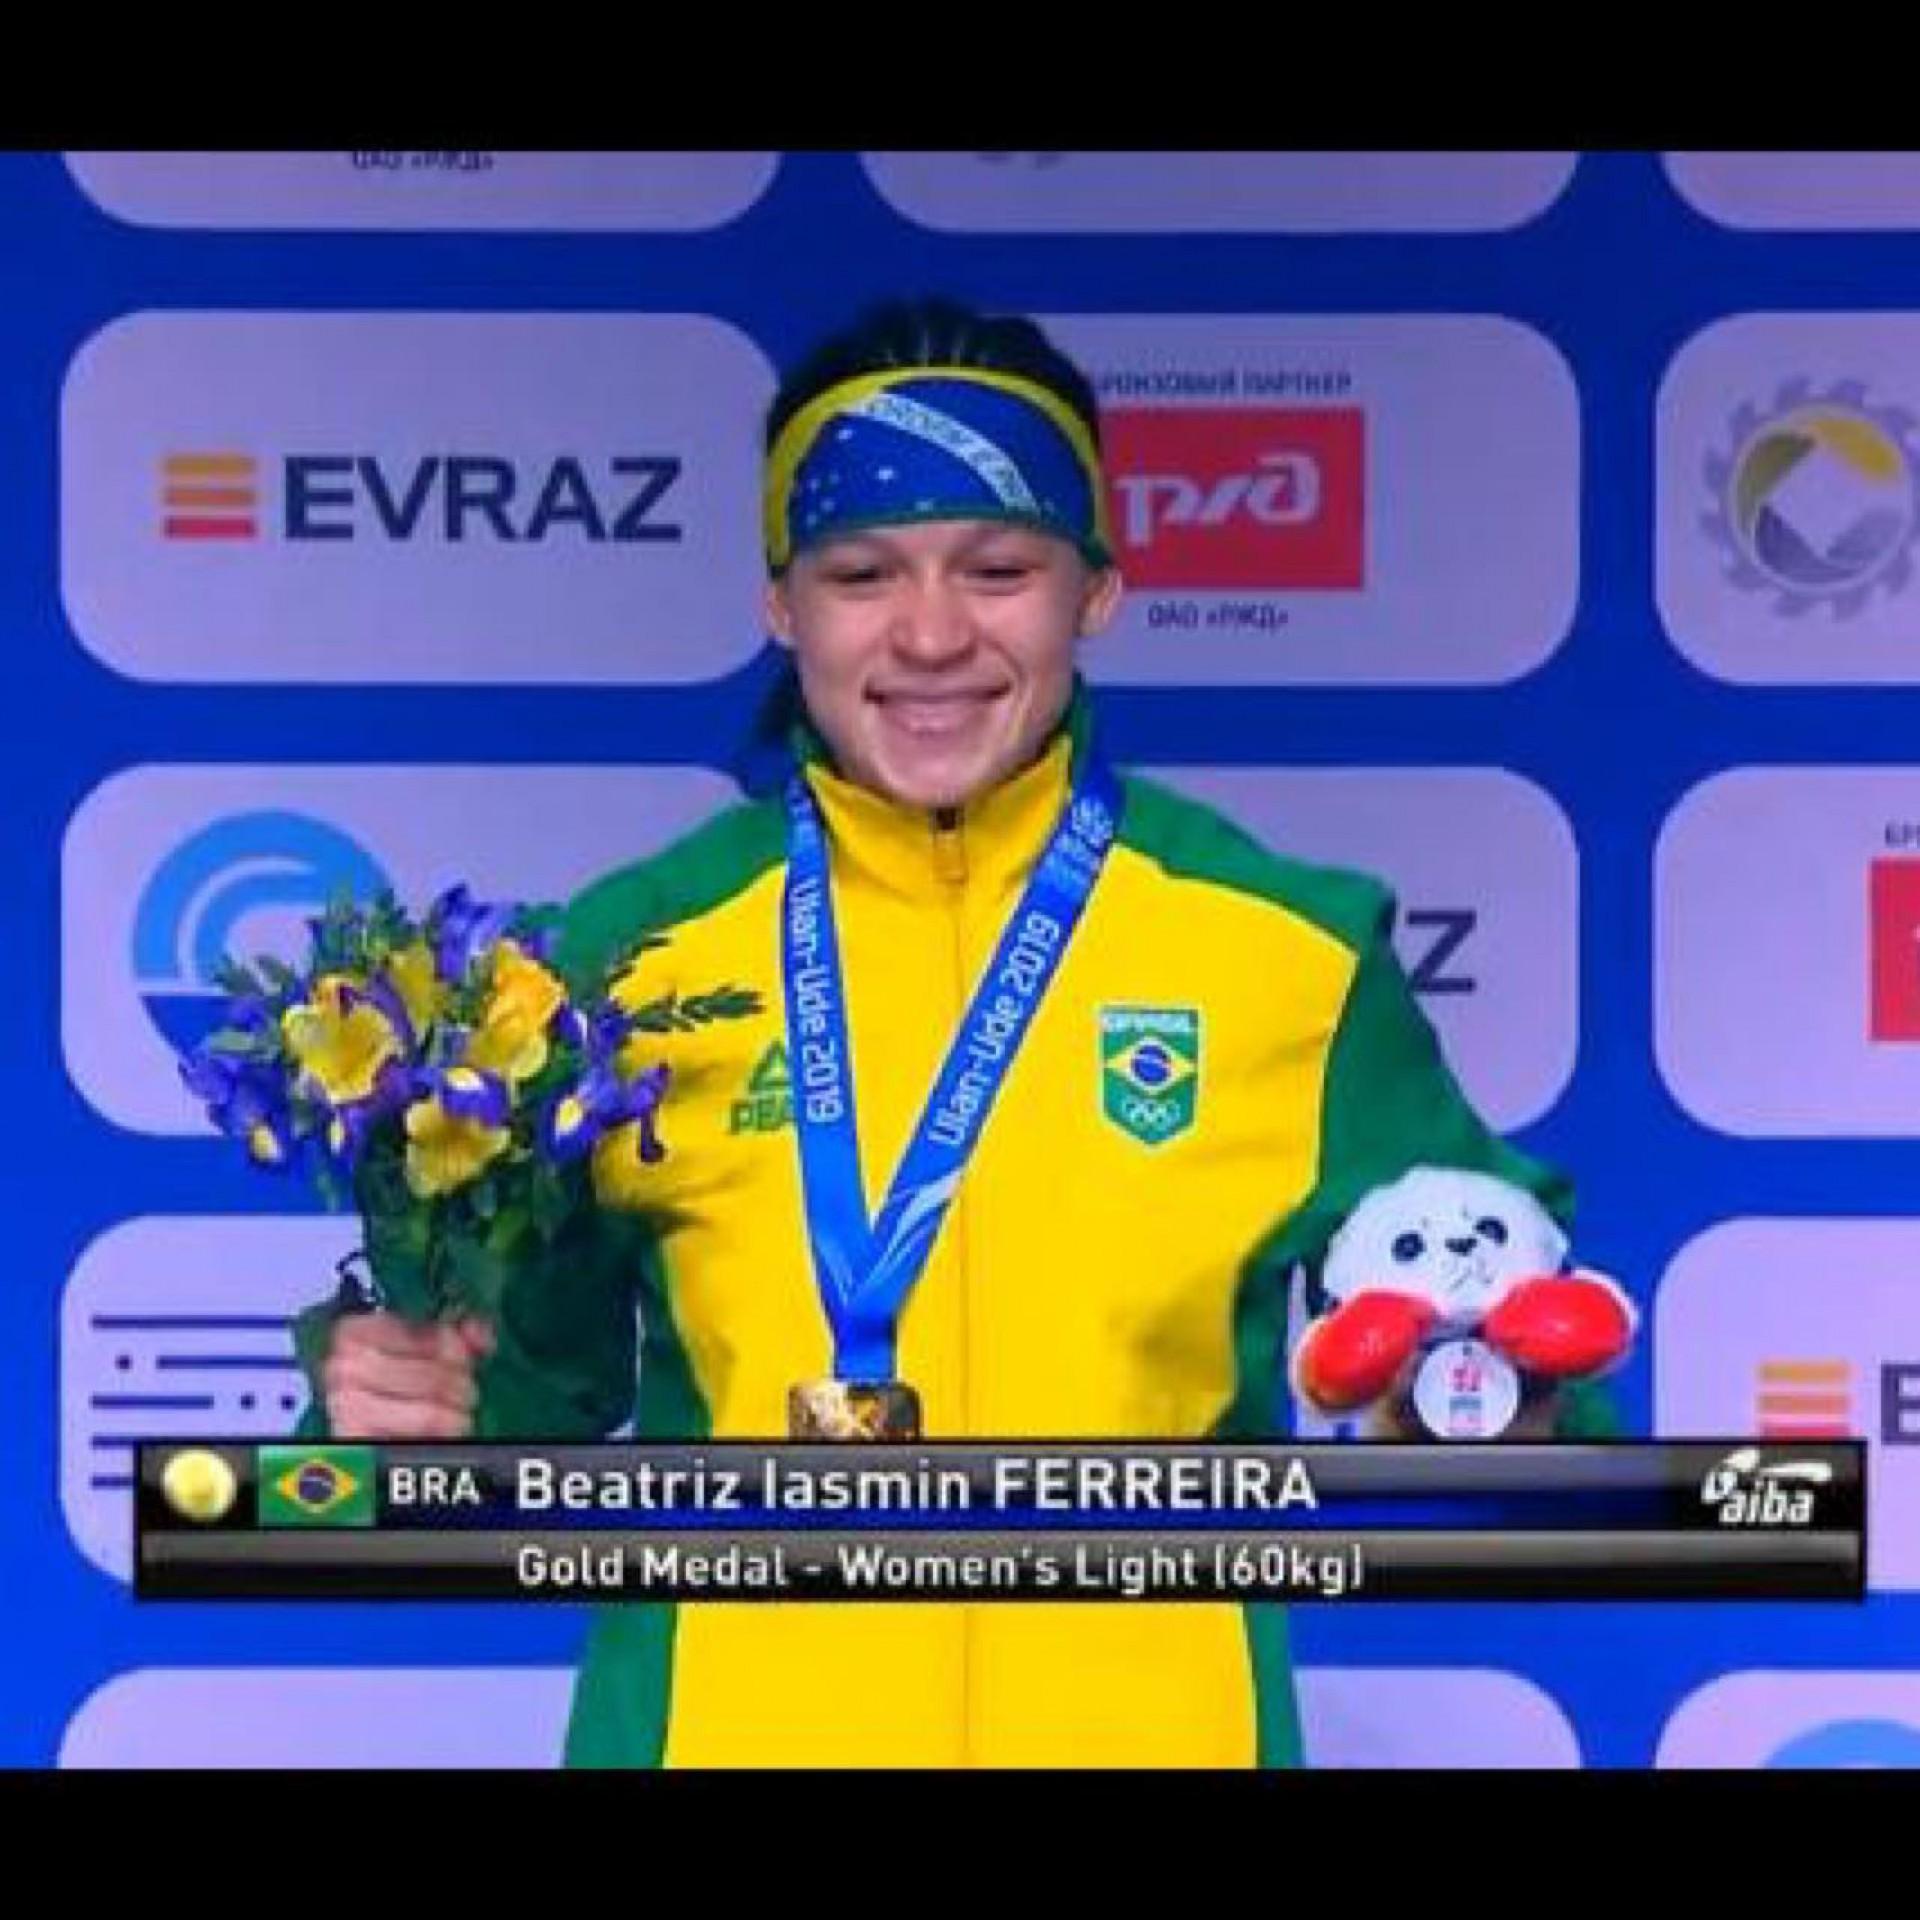 (Foto: Reprodução / Facebook)A boxeadora Beatriz Ferreira entra como favorita ao ouro olímpico